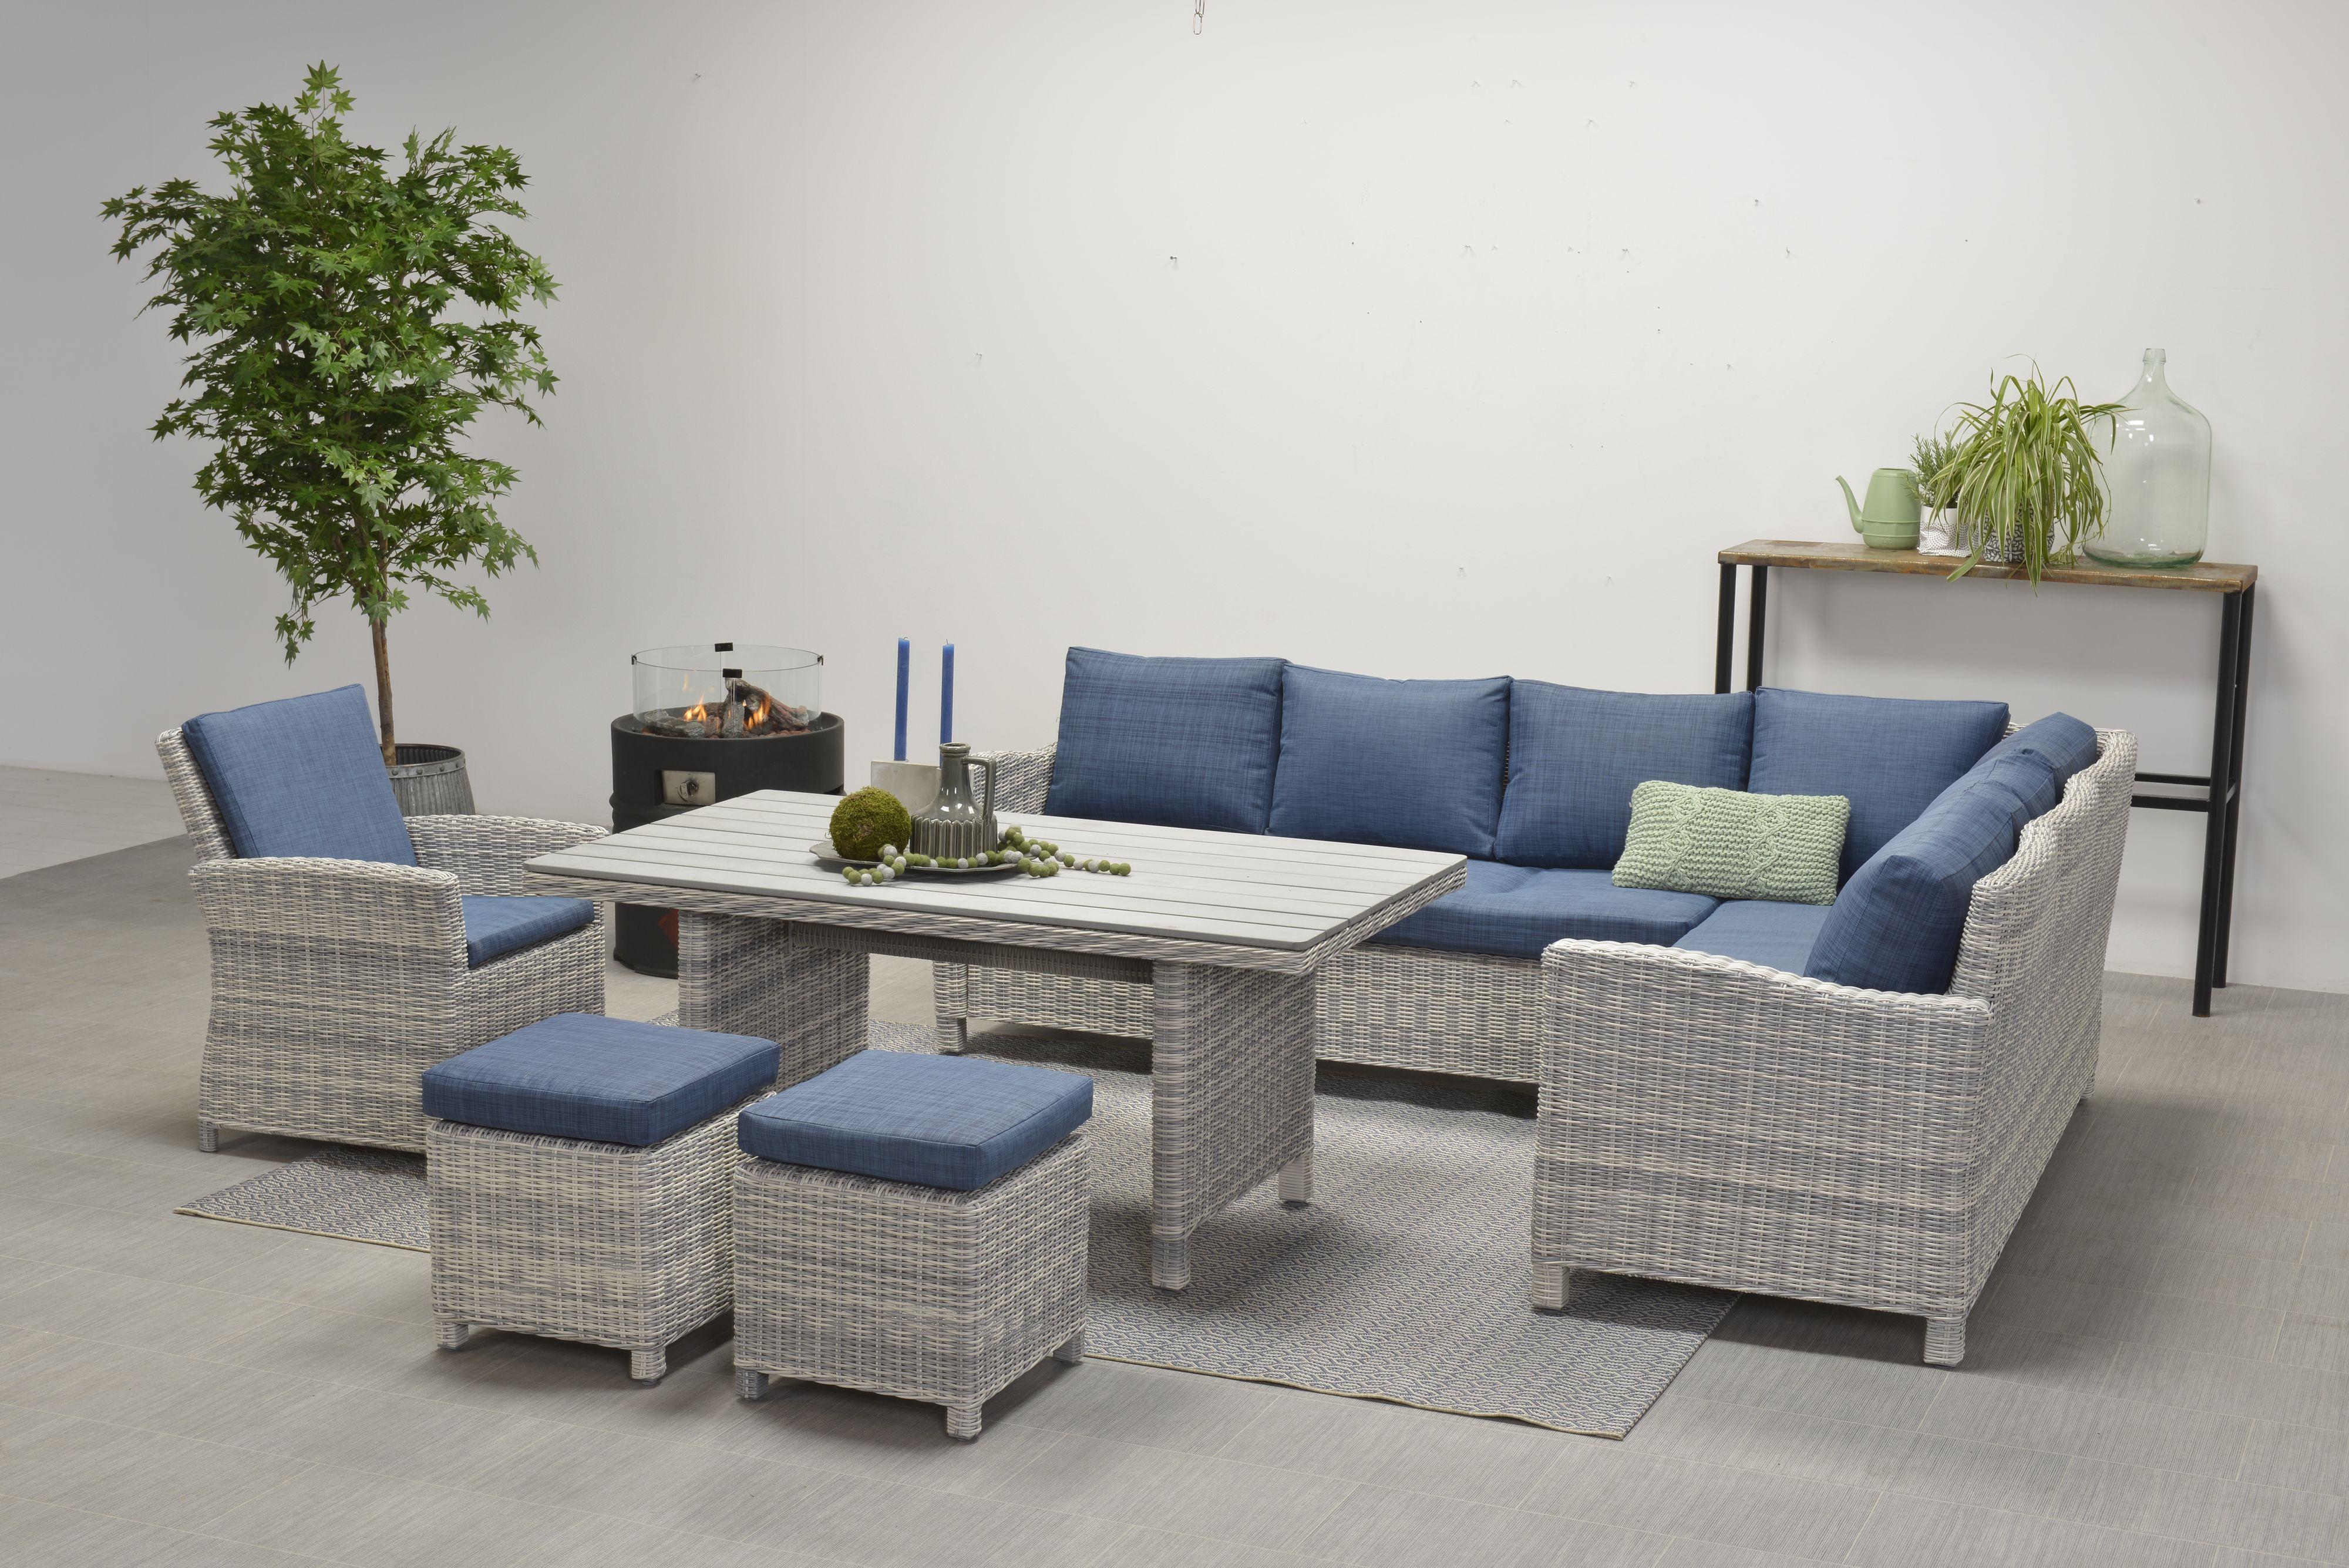 Lounge Bank Eettafel.Norma Lounge Dining Set 5 Delig Rechts Licht Grijs Blauw